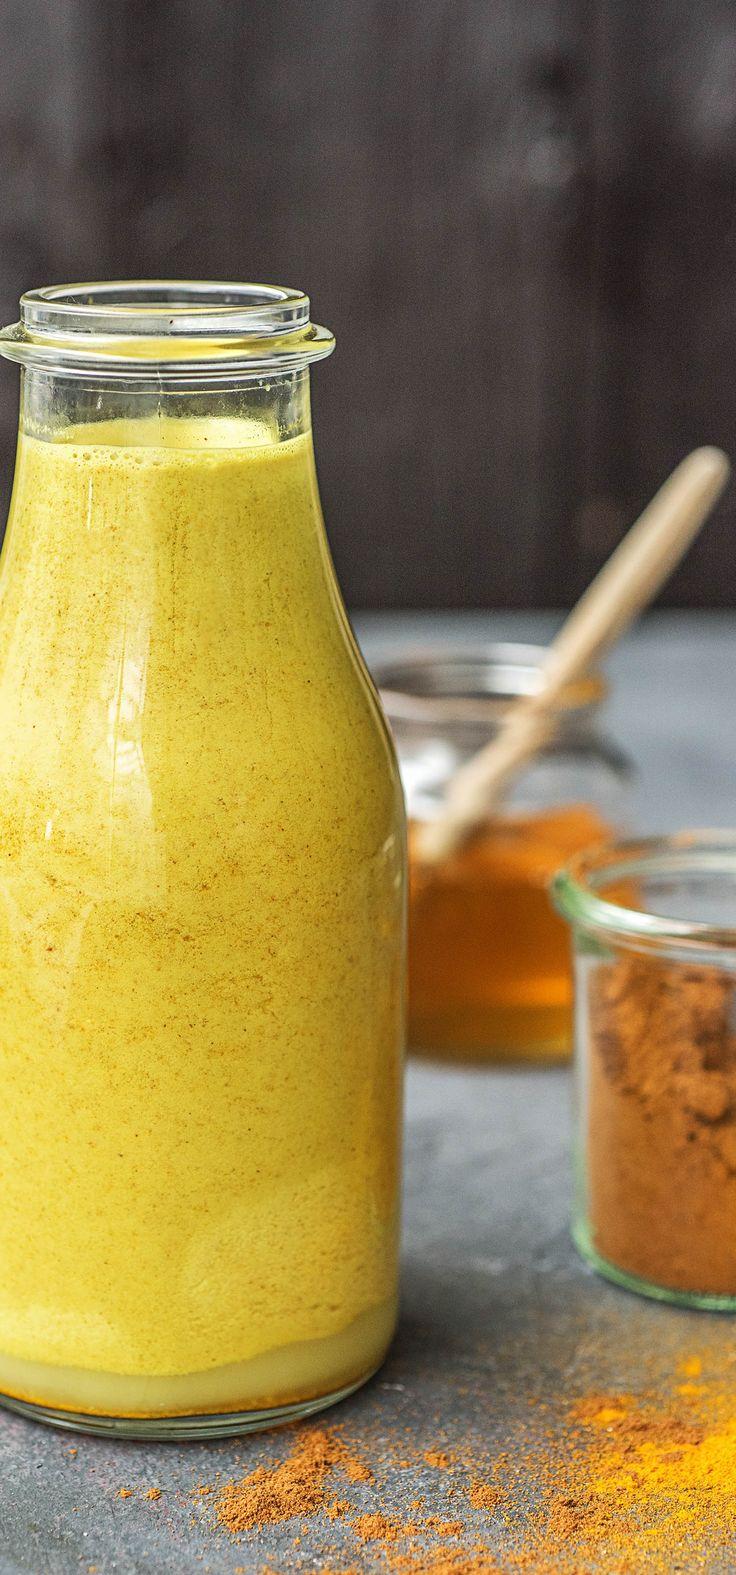 So machst das Trendgetränk von Starbucks Golden Milk / Goldene Milch / Kurkuma Latte selbst!  Das Rezept ist ganz einfach und schnell und natürlich super lecker!   Zutaten 1 EL (15 ml) Honig, nach Geschmack auch mehr 1 TL Kurkuma 1/4 TL Ingwer 1/4 TL Kardamom 1/4 TL Zimt 2 EL (30 ml) kochendes Wasser 2 Tassen (475 ml) Kokosmilch  DIY / Nachkochen / Selbstgemacht / Trendgetränk / Kurkuma / Gewürze / Food Trends